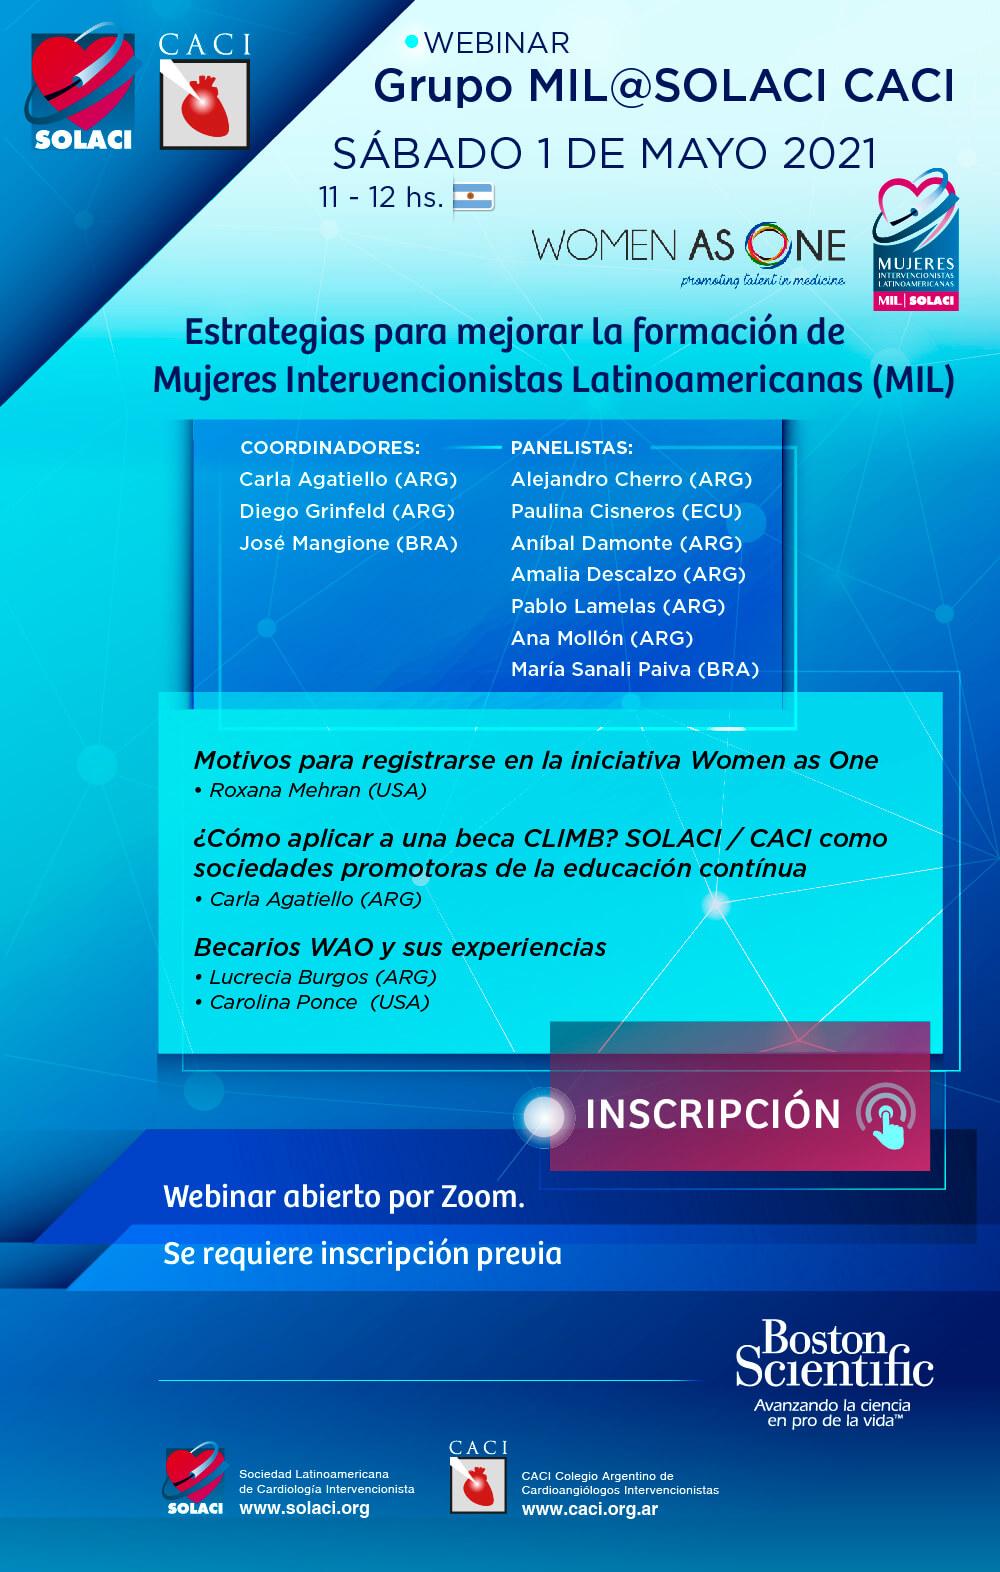 Webinar Grupo MIL-SOLACI-CACIEstrategias para mejorar la formación de Mujeres Intervencionistas Latinoamericanas (MIL)